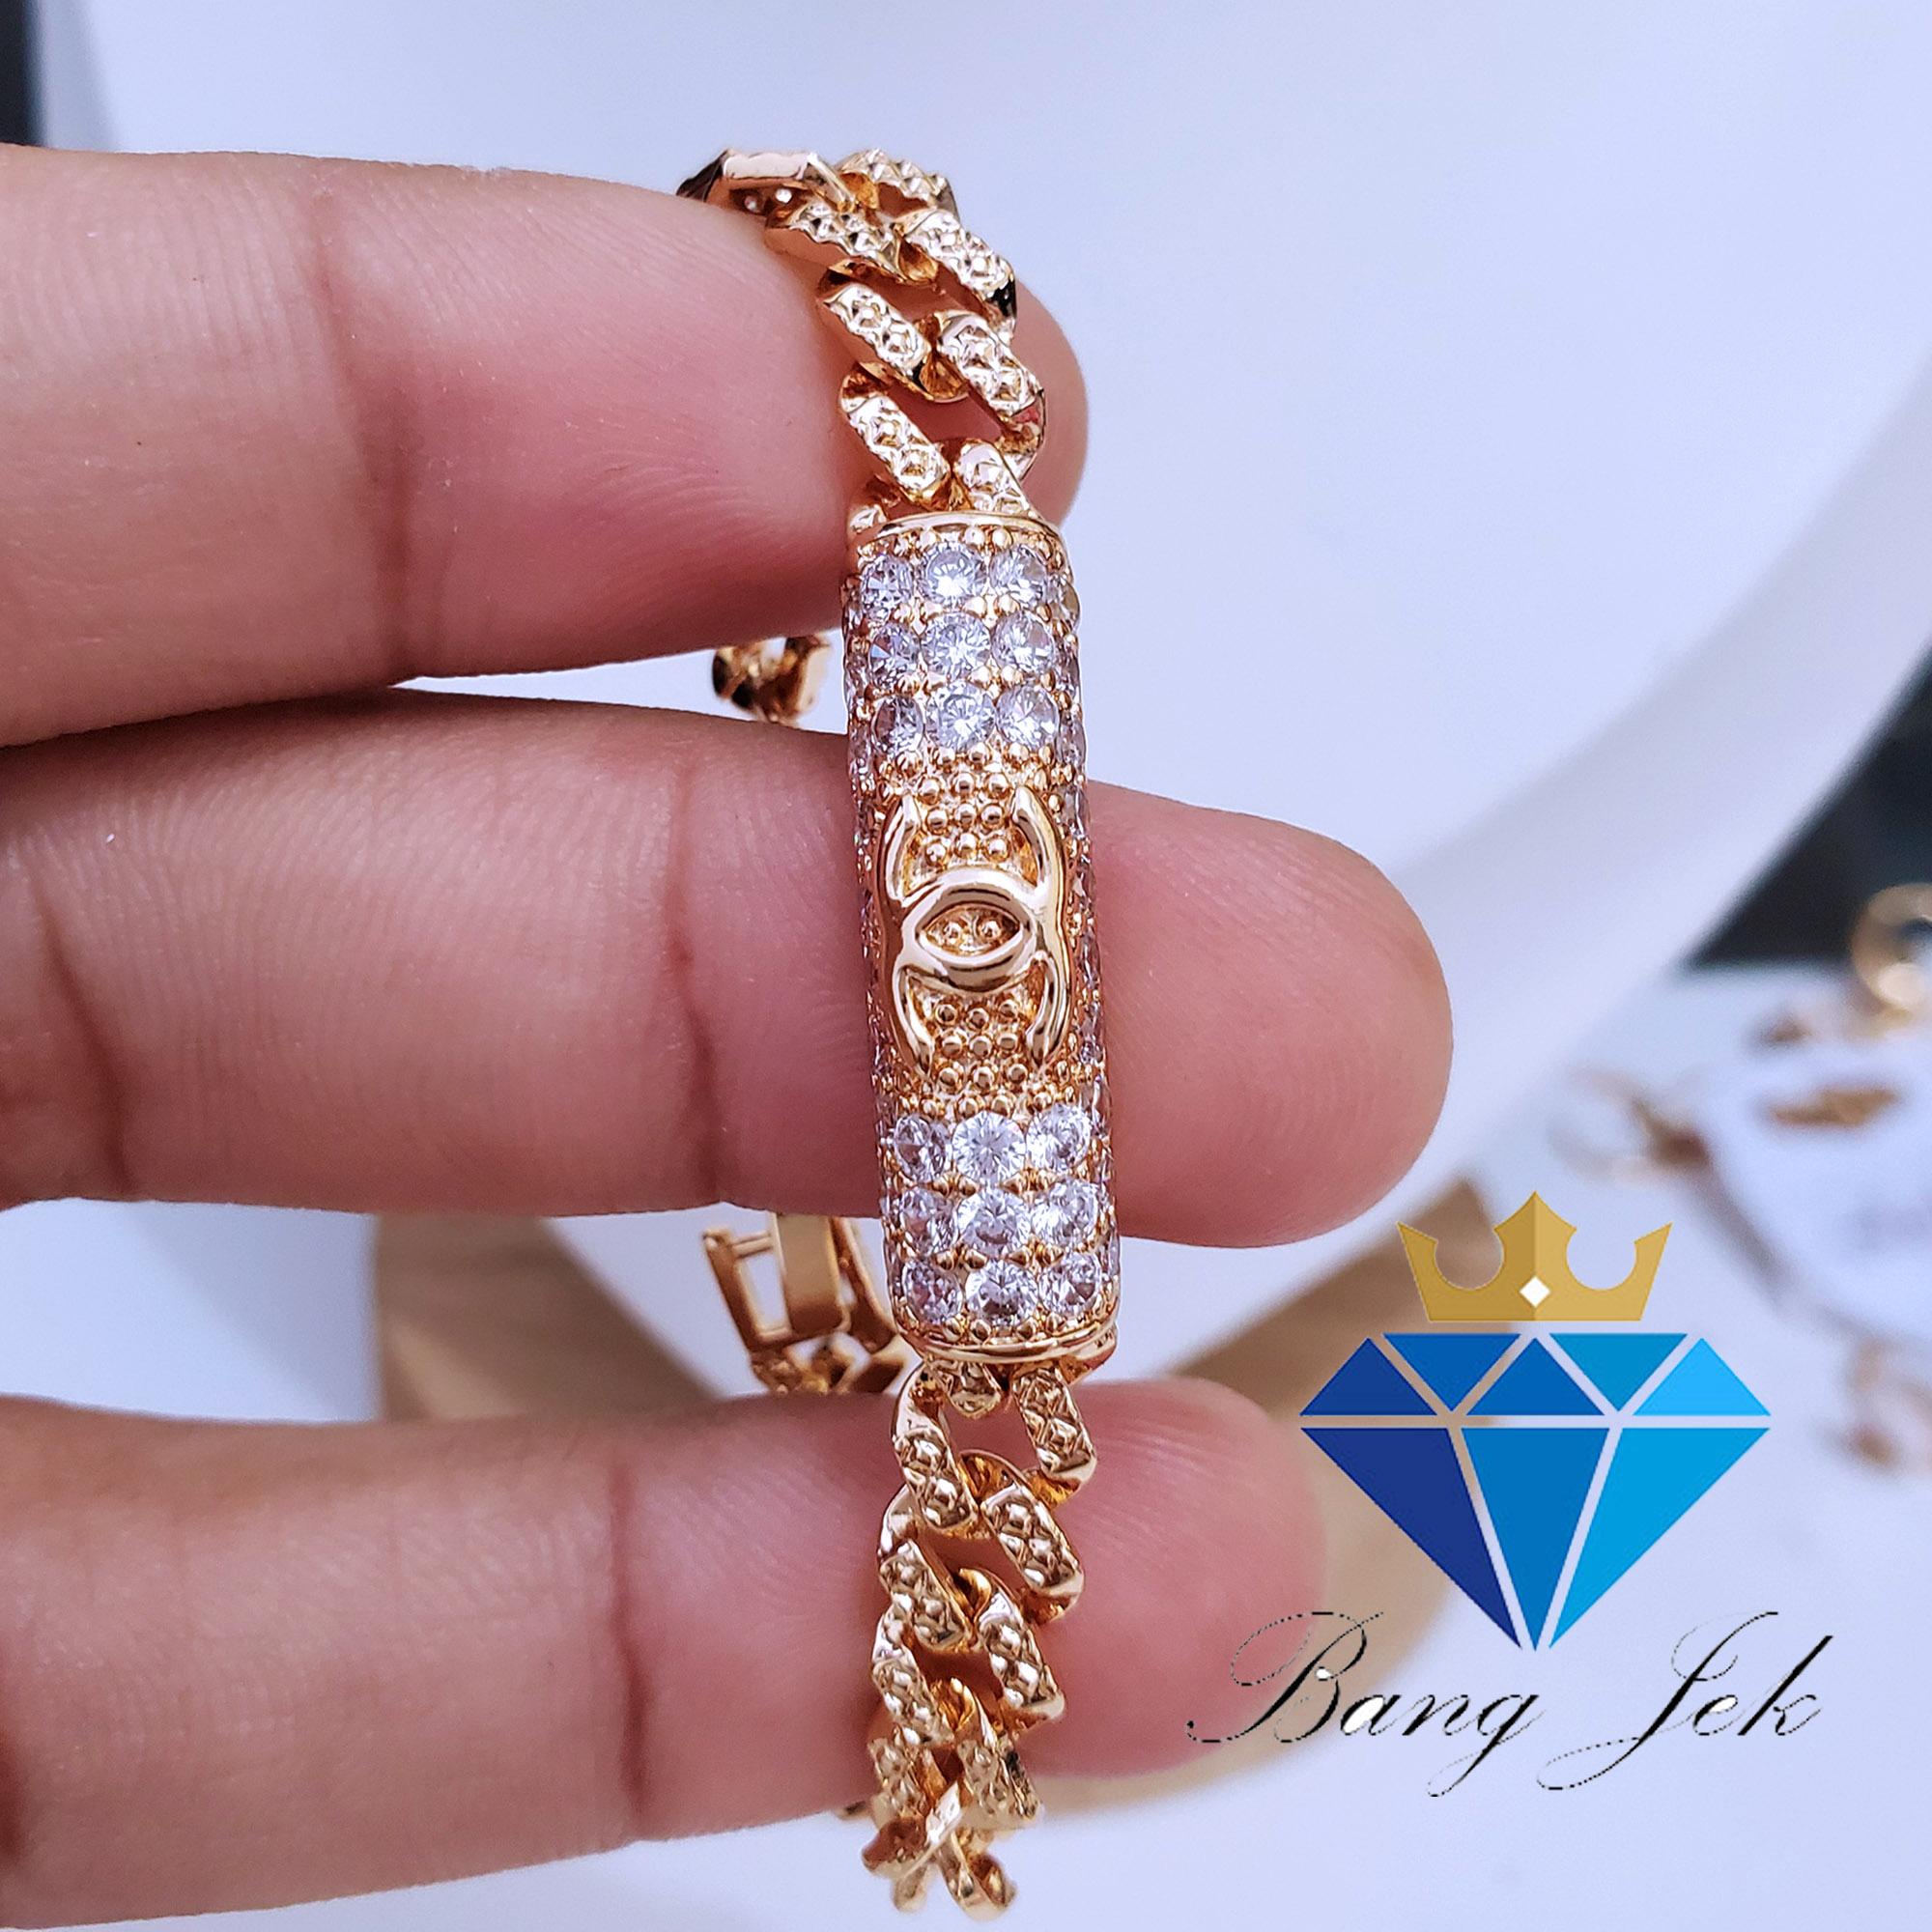 gelang anak anti luntur motif chanel permatah gold 24 k